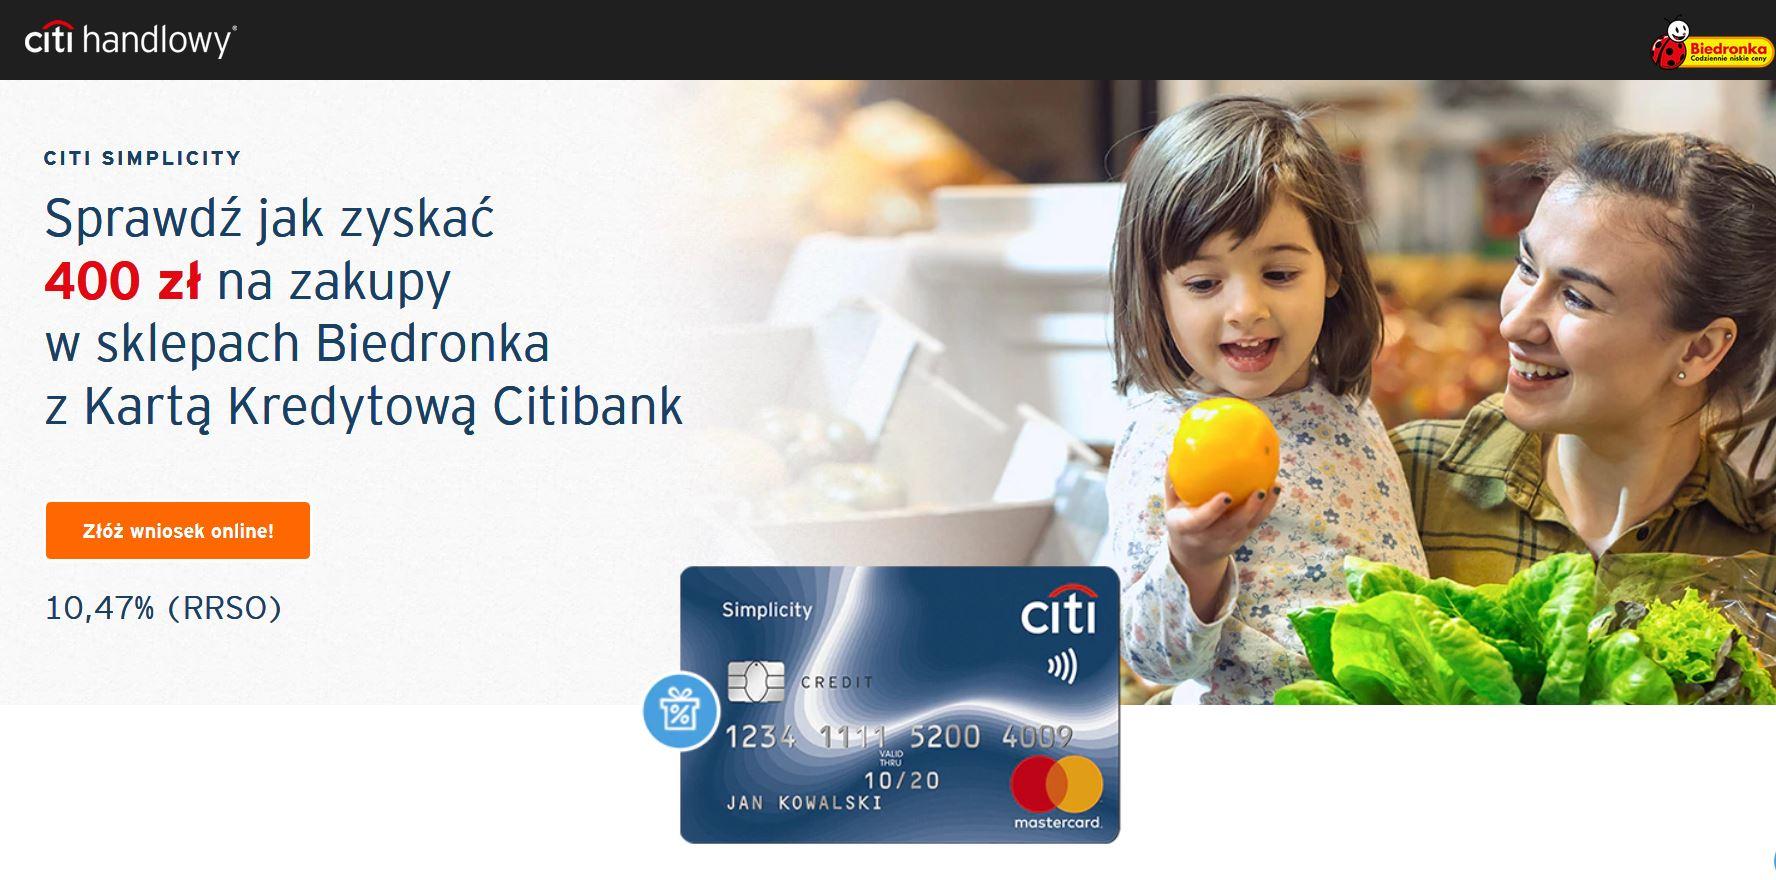 Biedronka promocja karta kredytowa